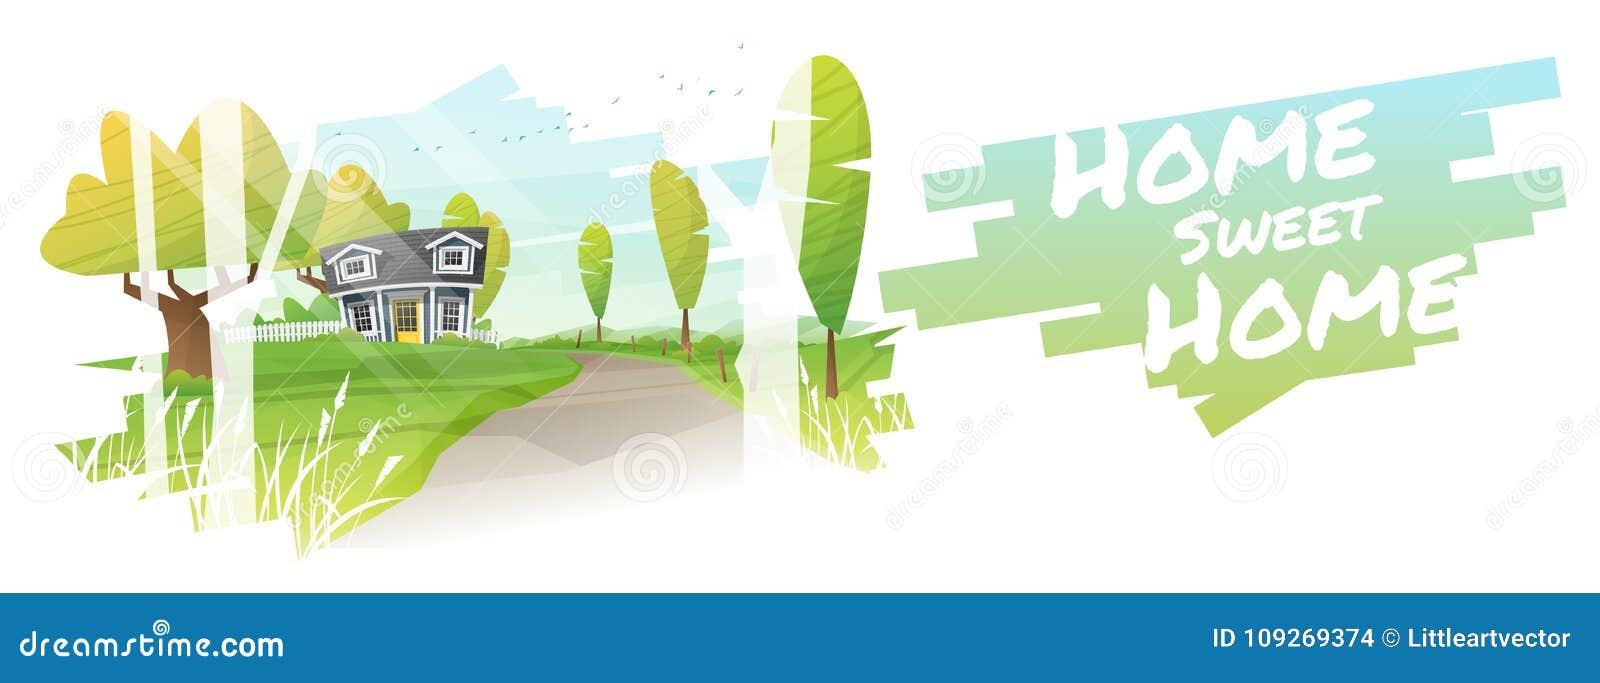 Huis Zoet Huis, Mooi landelijk landschap en een plattelandshuisjeachtergrond